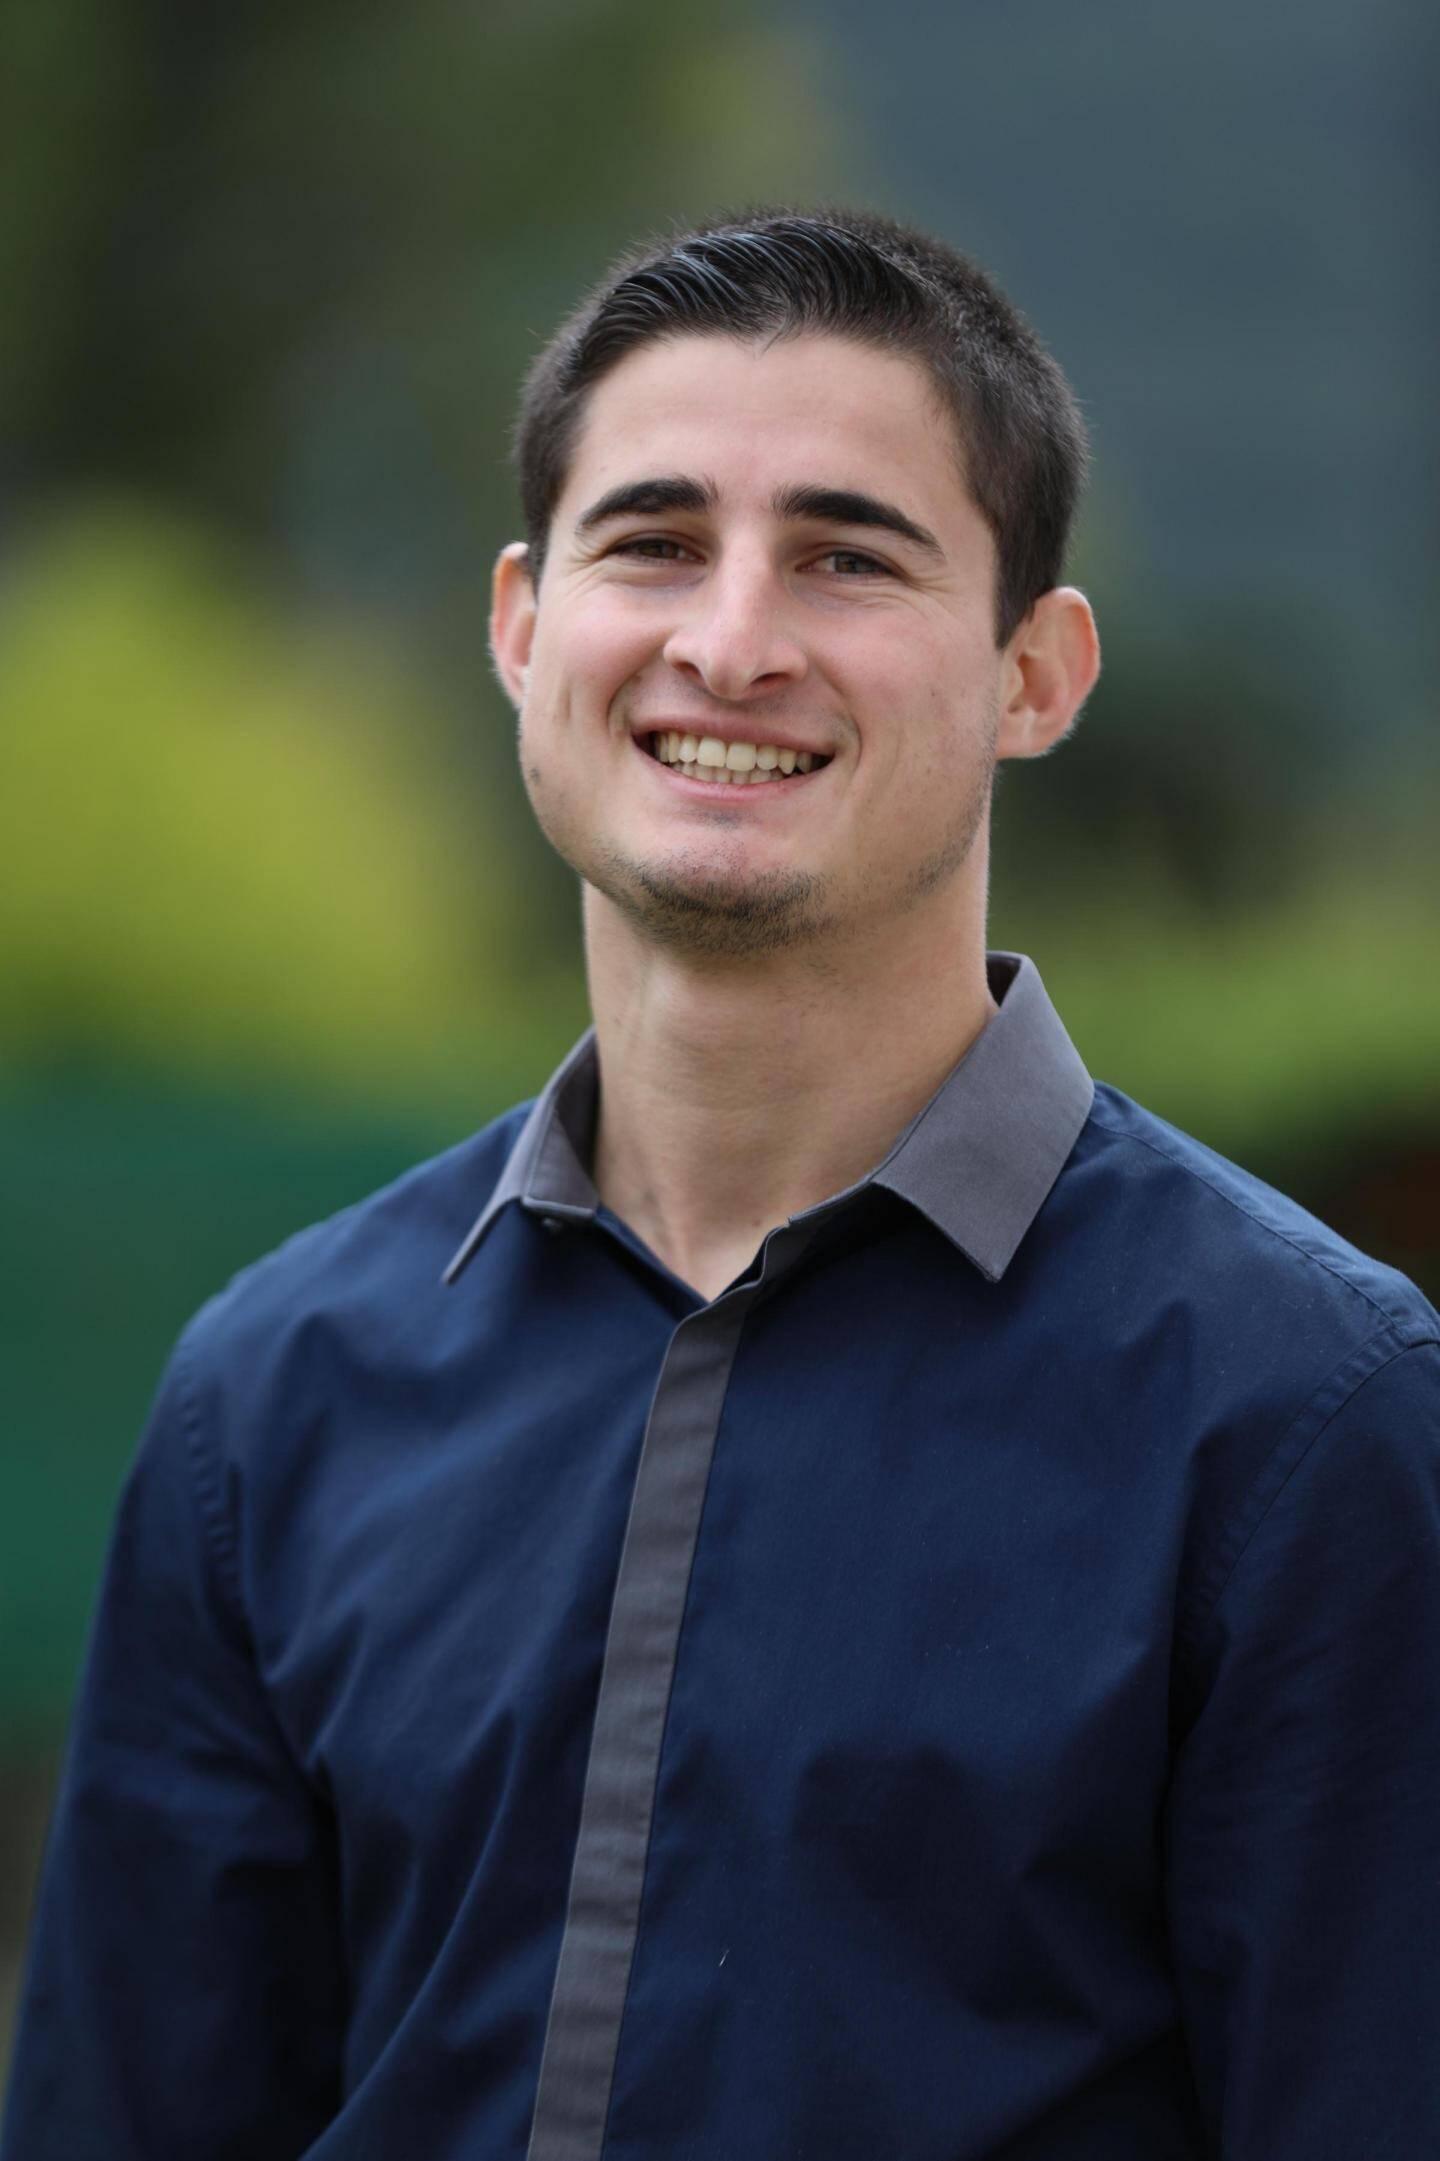 Yohan Laurito est le fondateur de Météo Varoise, un service météo pour professionnels et particuliers.